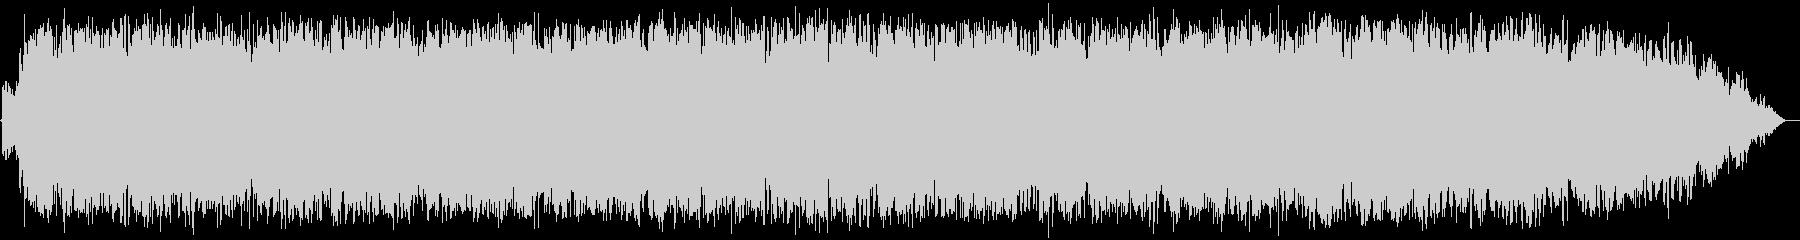 透き通る高音の竹笛のヒーリング音楽の未再生の波形